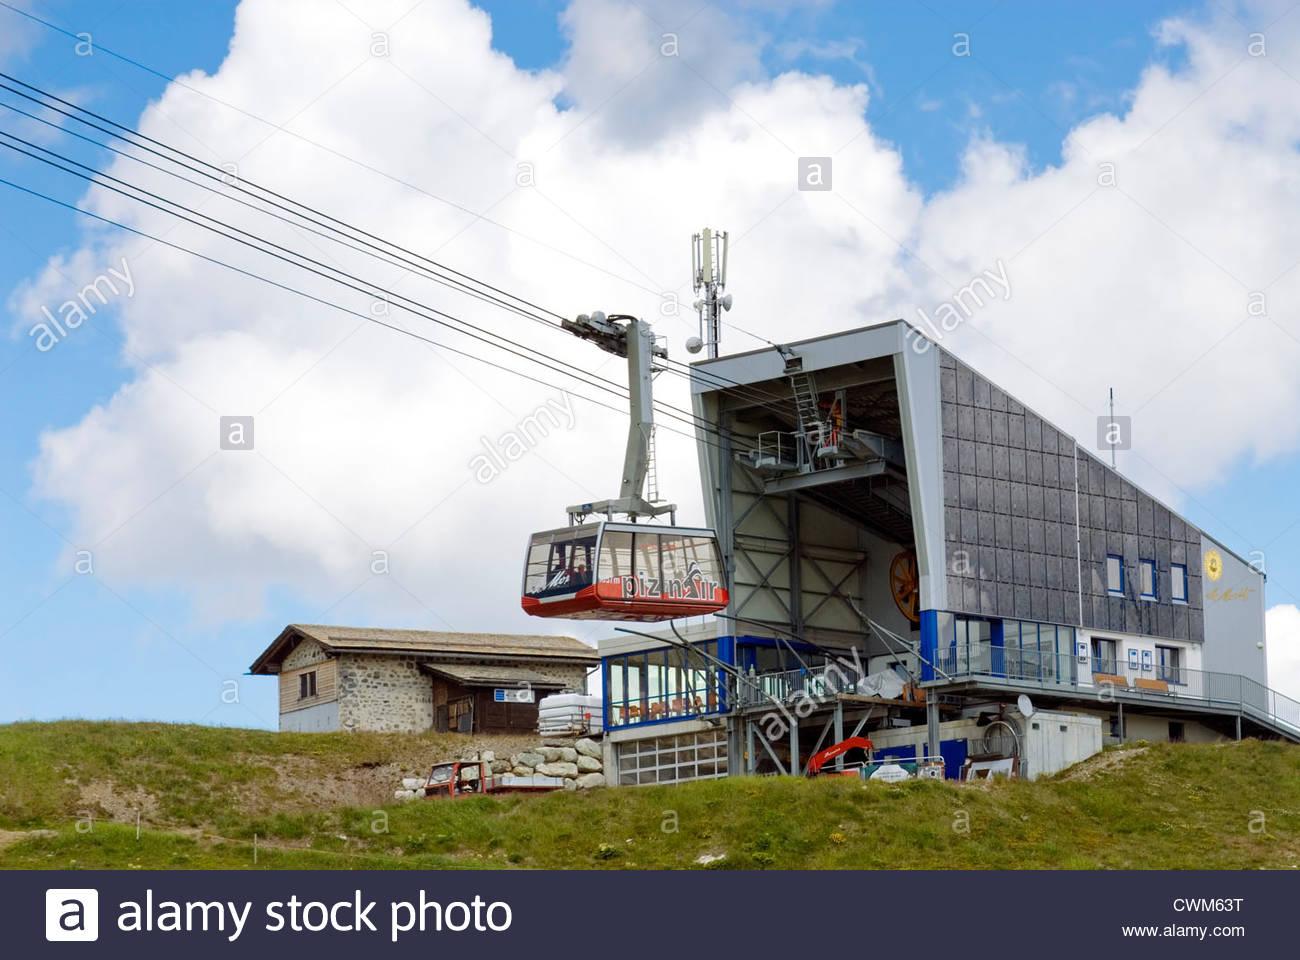 Piz Nair Standseilbahn, St. Moritz, Graubünden, Schweiz   Piz Nair Standseilbahn, St. Moritz, Schweiz Stockbild